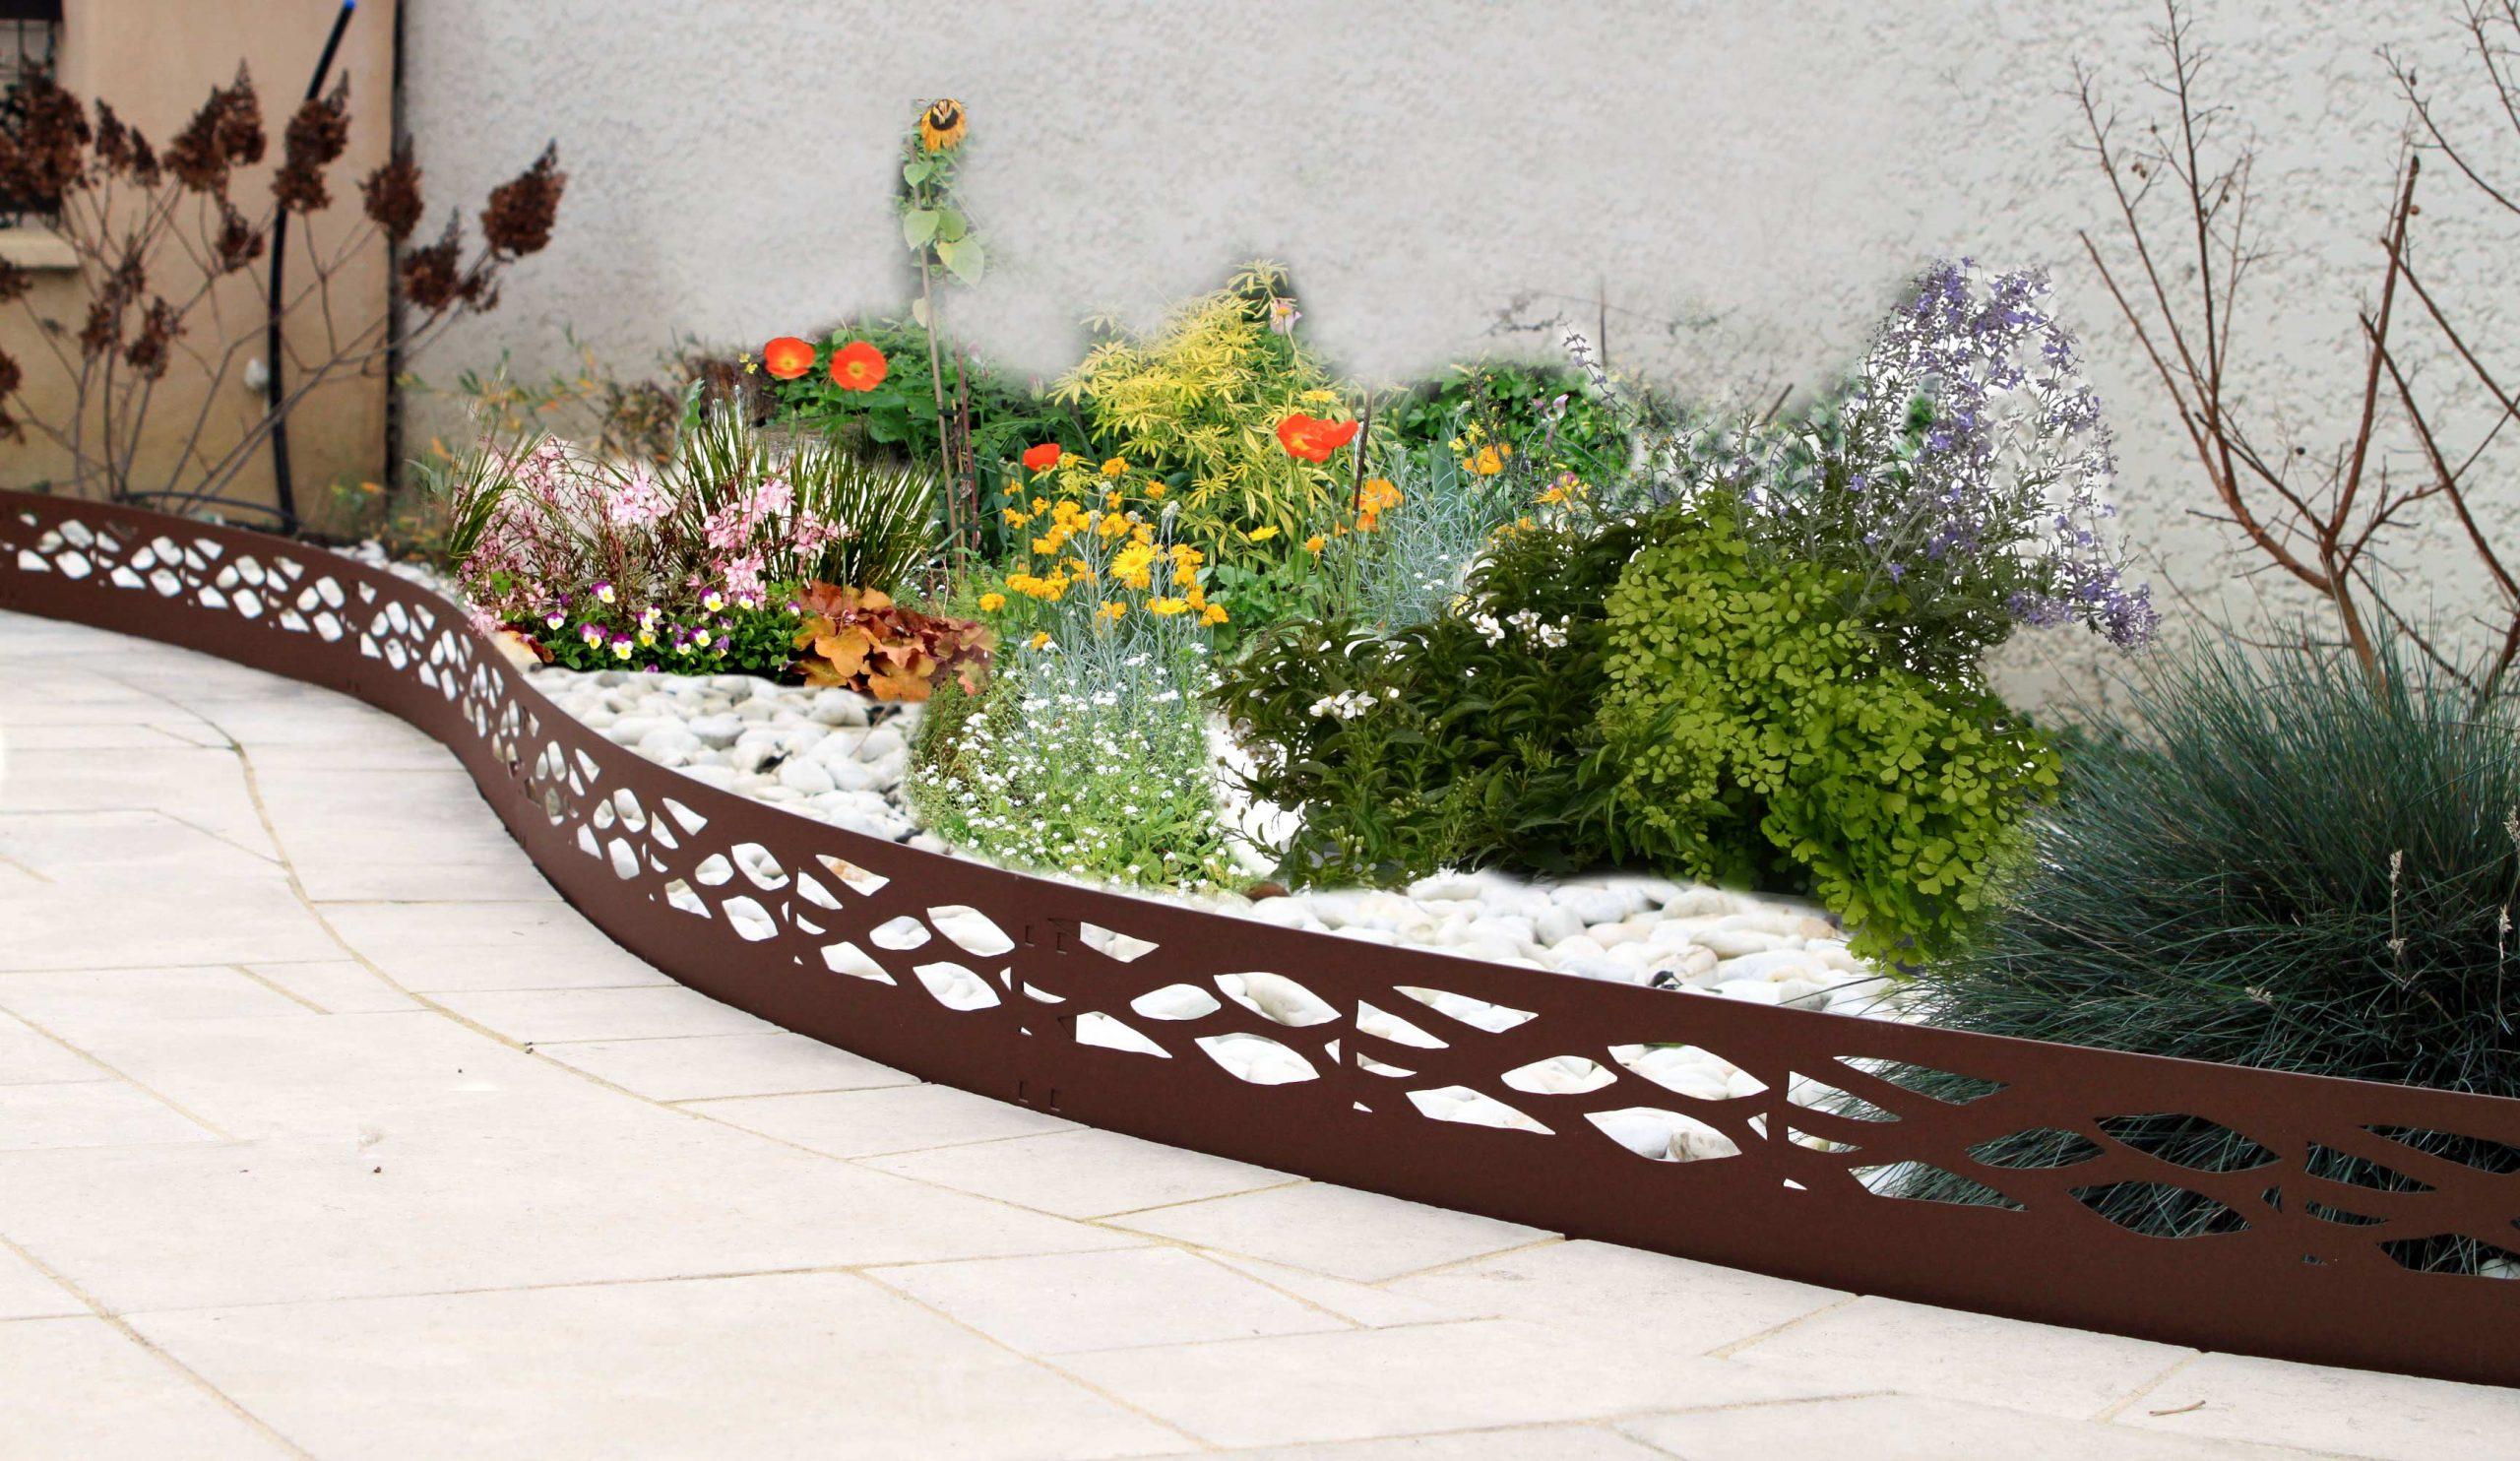 Les Conseils Pratiques De Jardin Et Saisons Pour Installer ... serapportantà Bordure Jardin Zinc